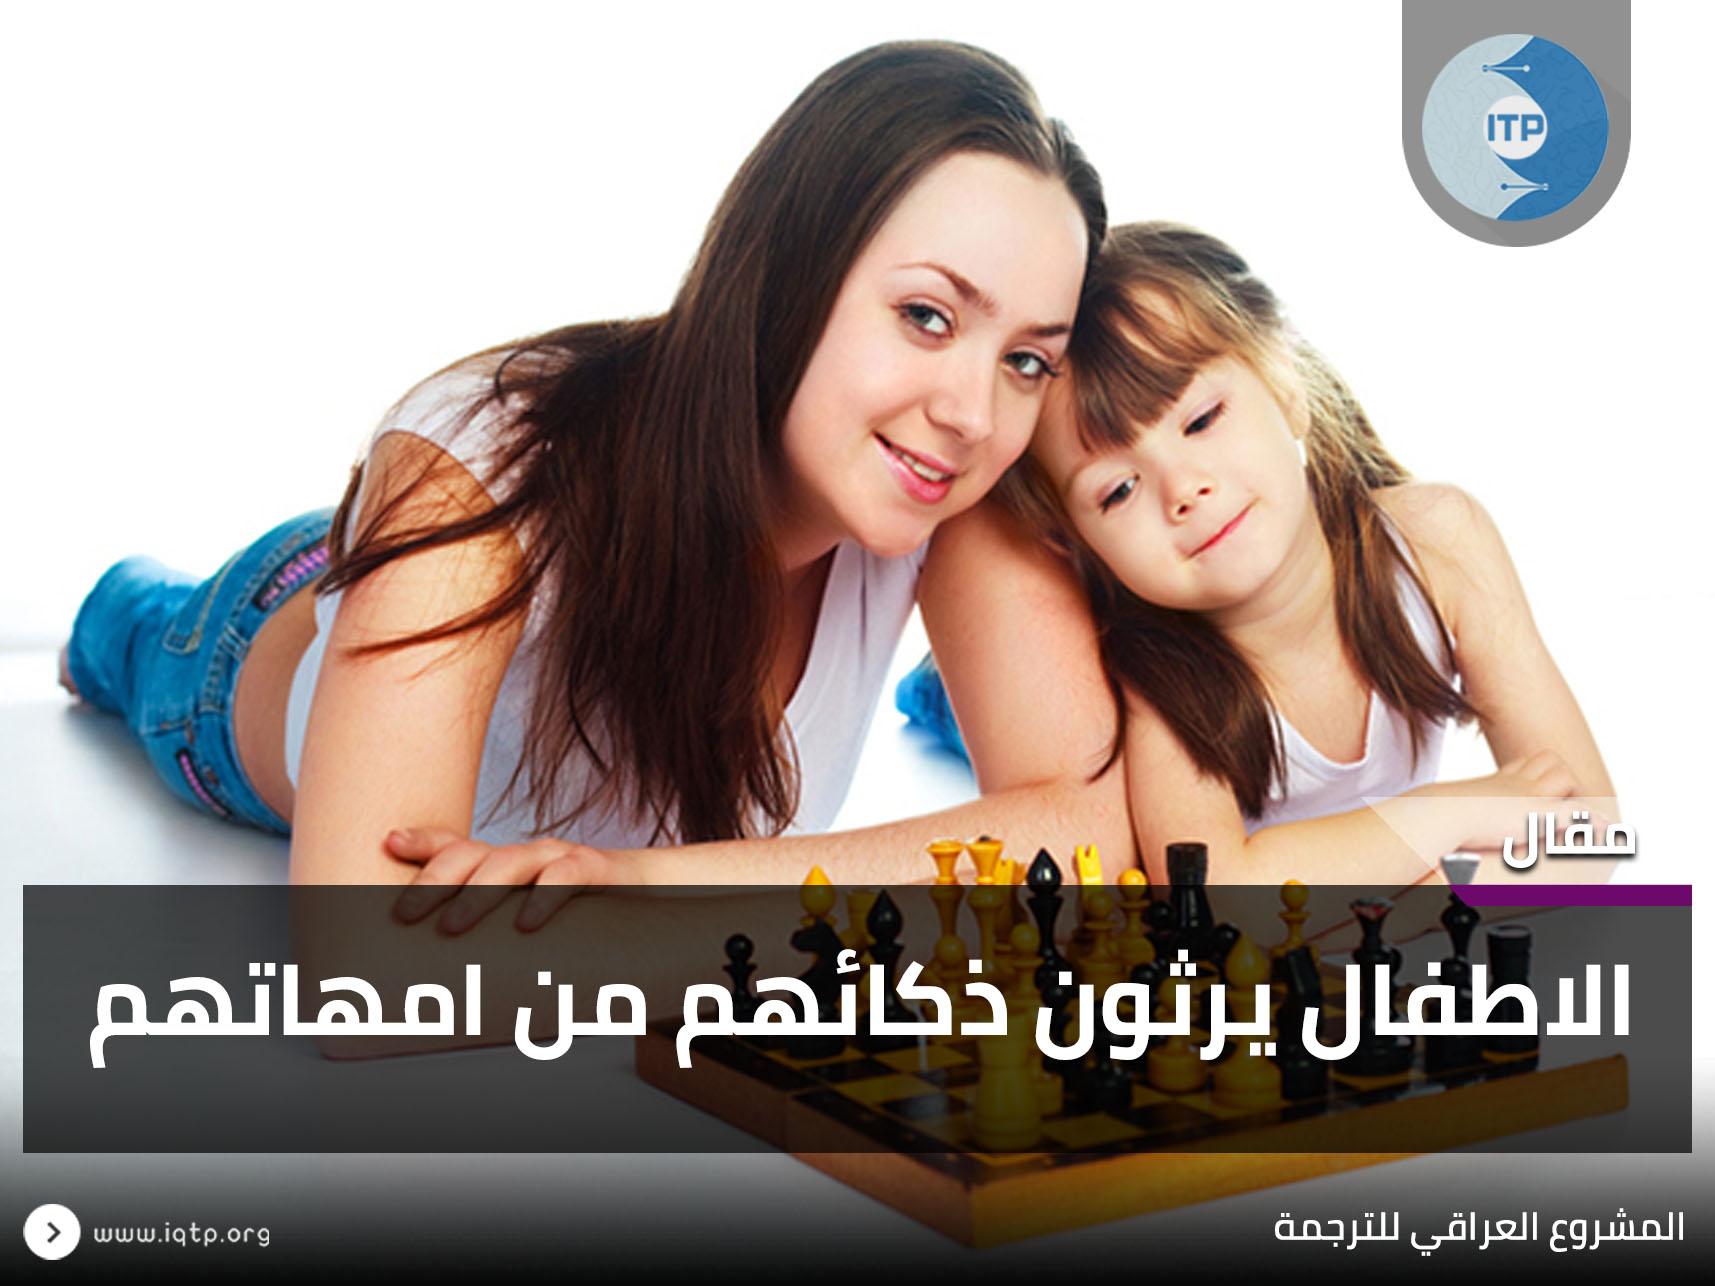 الاطفال يرثون ذكائهم من امهاتهم